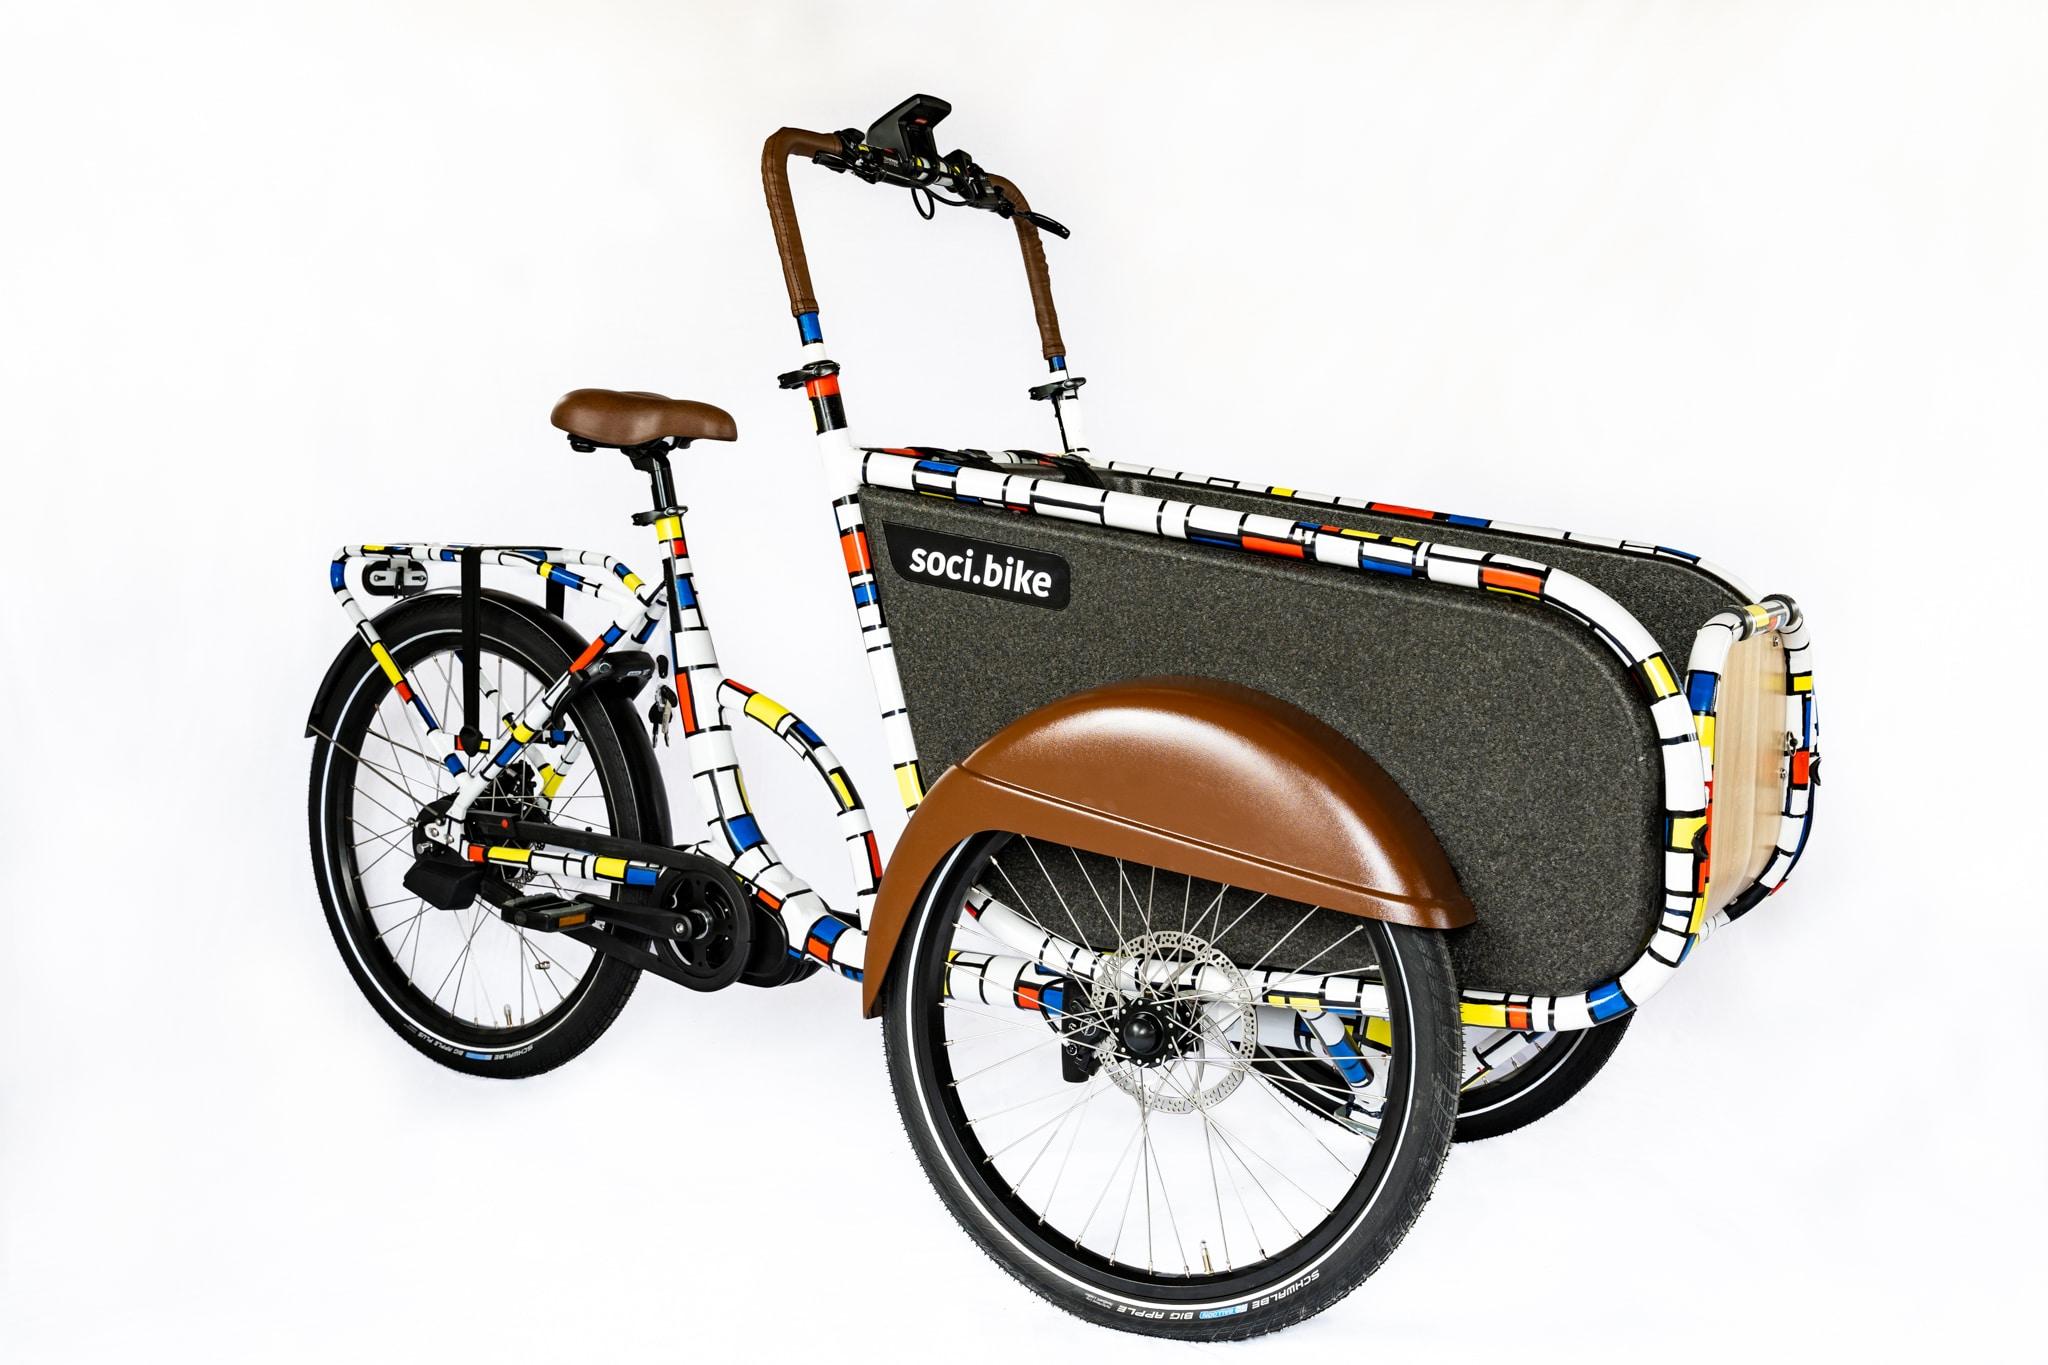 soci.bike Jeroen de Boer TheOlifants kunstproject (1)